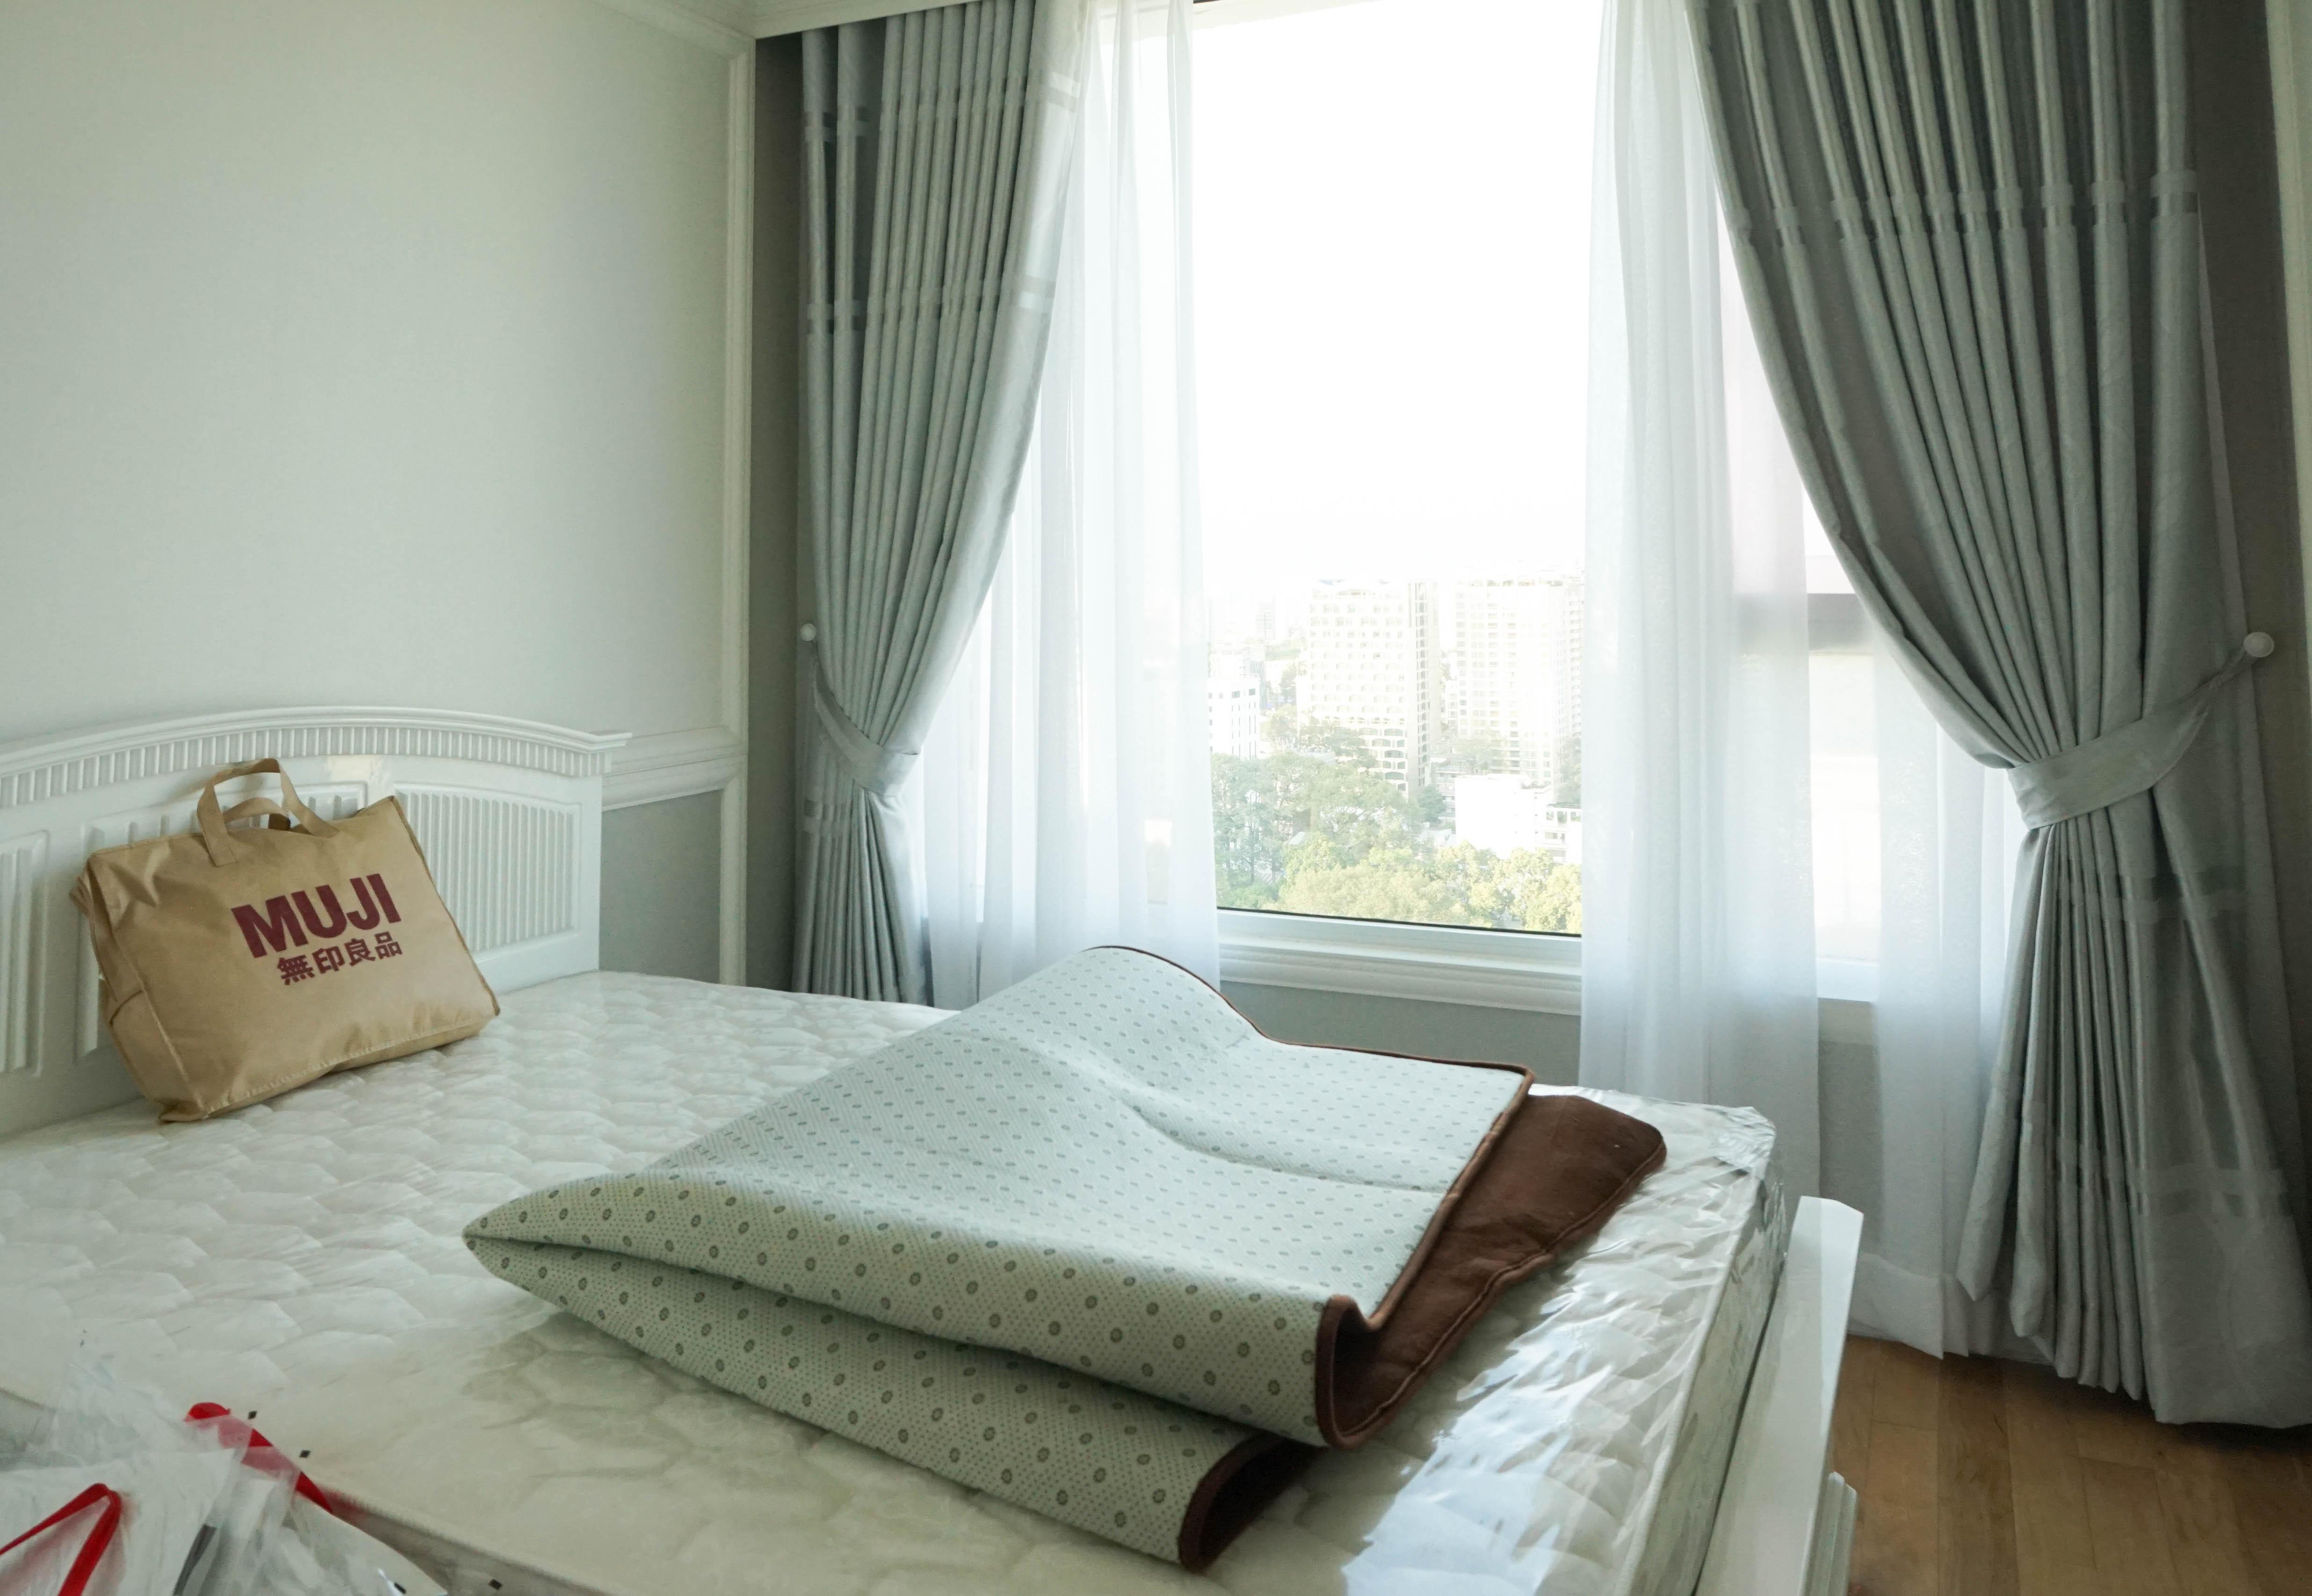 Căn hộ 2 PN Léman Luxury - Đầy Đủ Nội Thất - Căn Hộ Duyên Dáng Và Sang Trọng-8